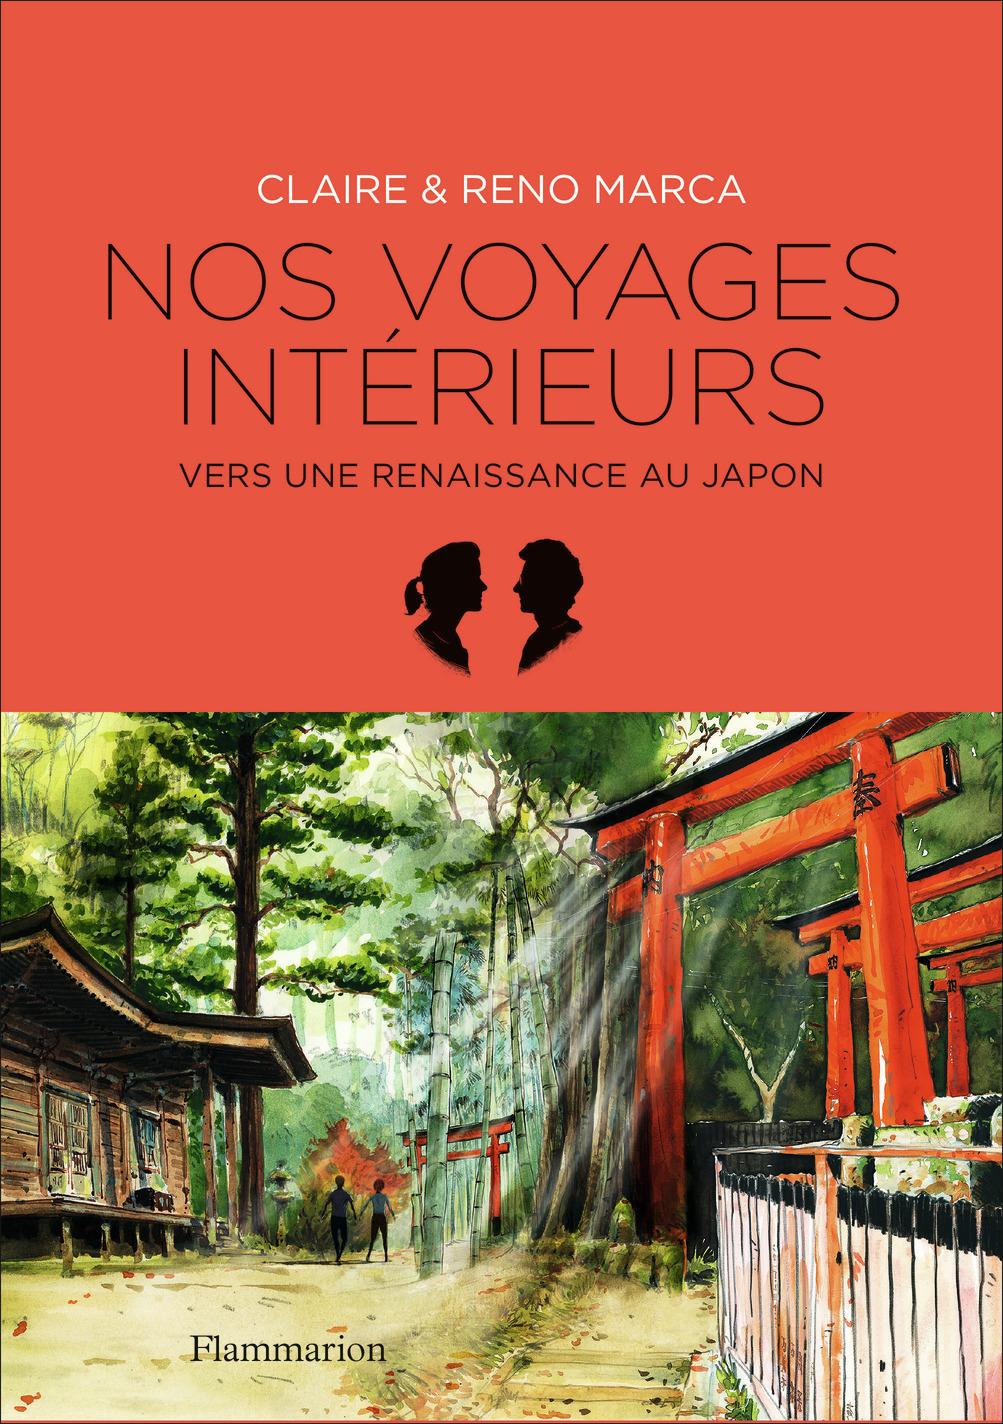 NOS VOYAGES INTERIEURS - VERS UNE RENAISSANCE AU JAPON